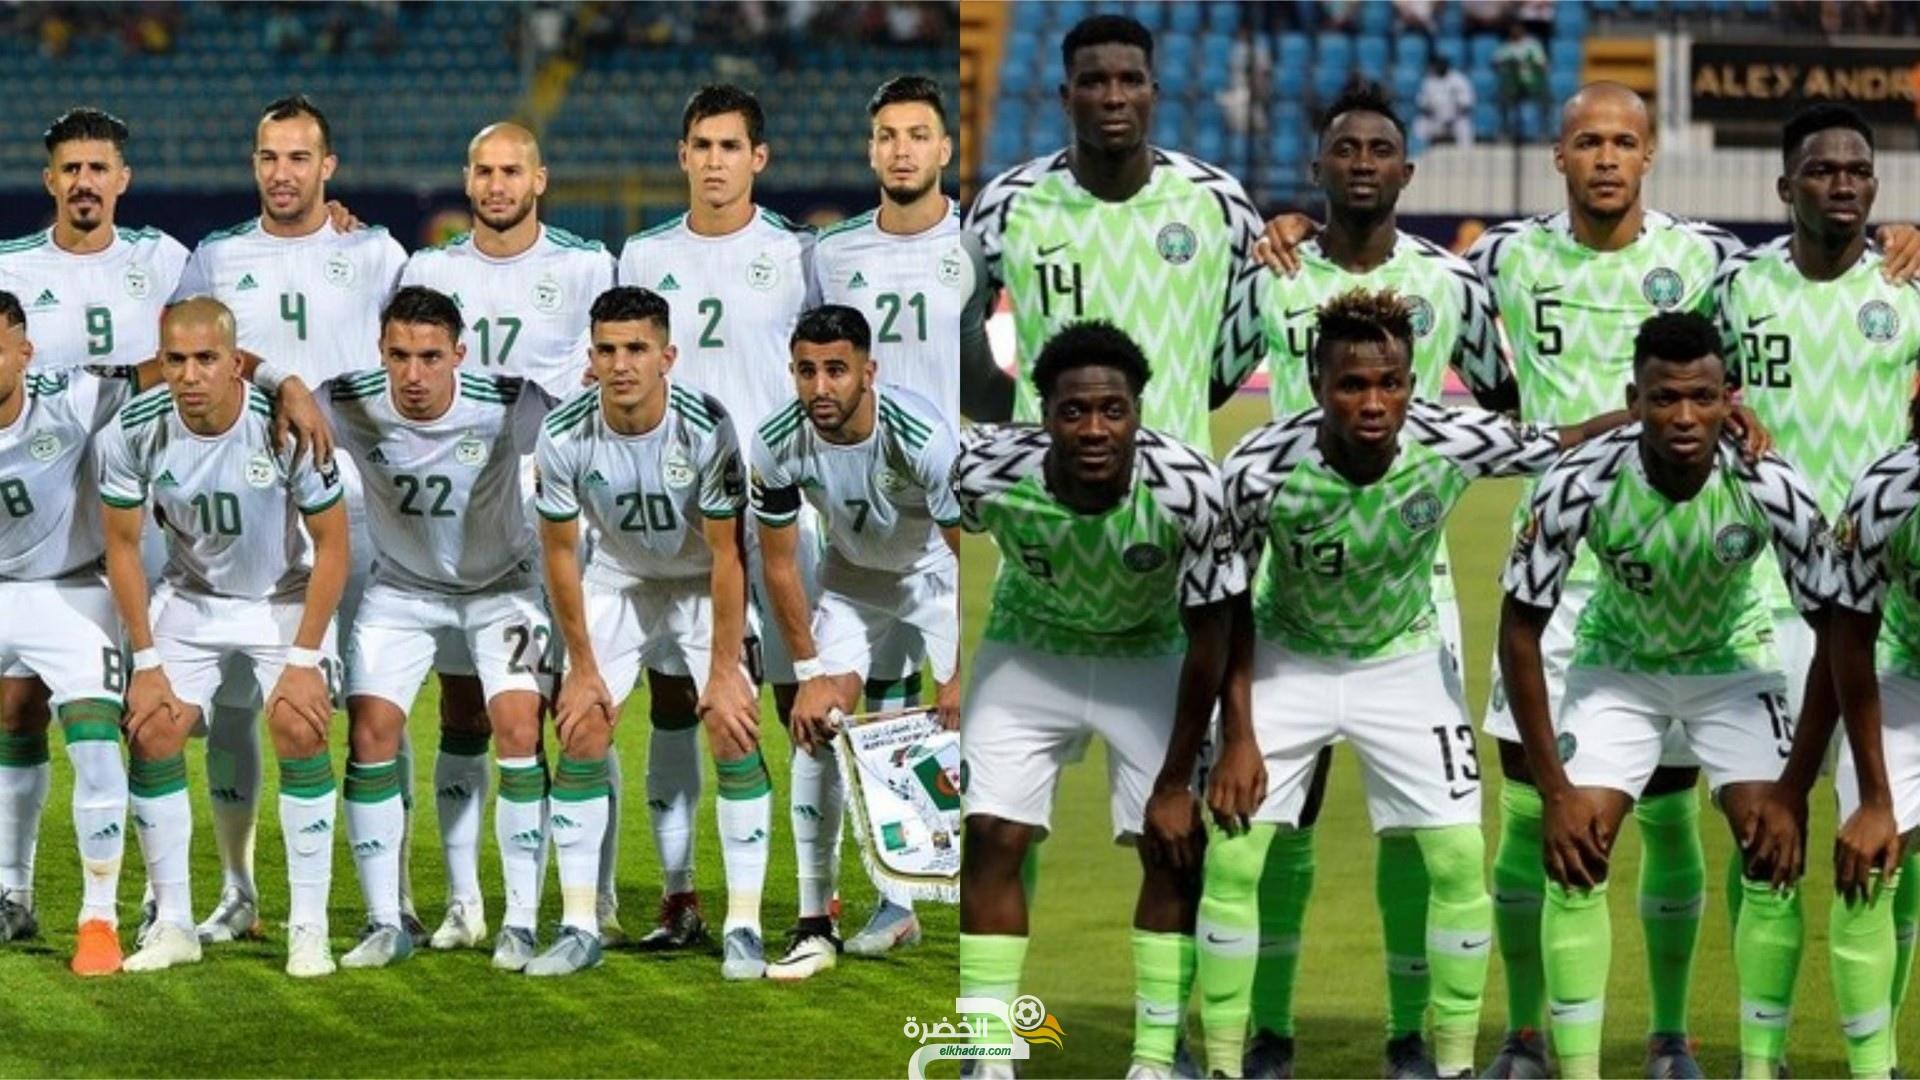 الجزائر - نيجيريا : 12 صحفيا فقط مسموح لهم بتغطية المباراة الودية 24